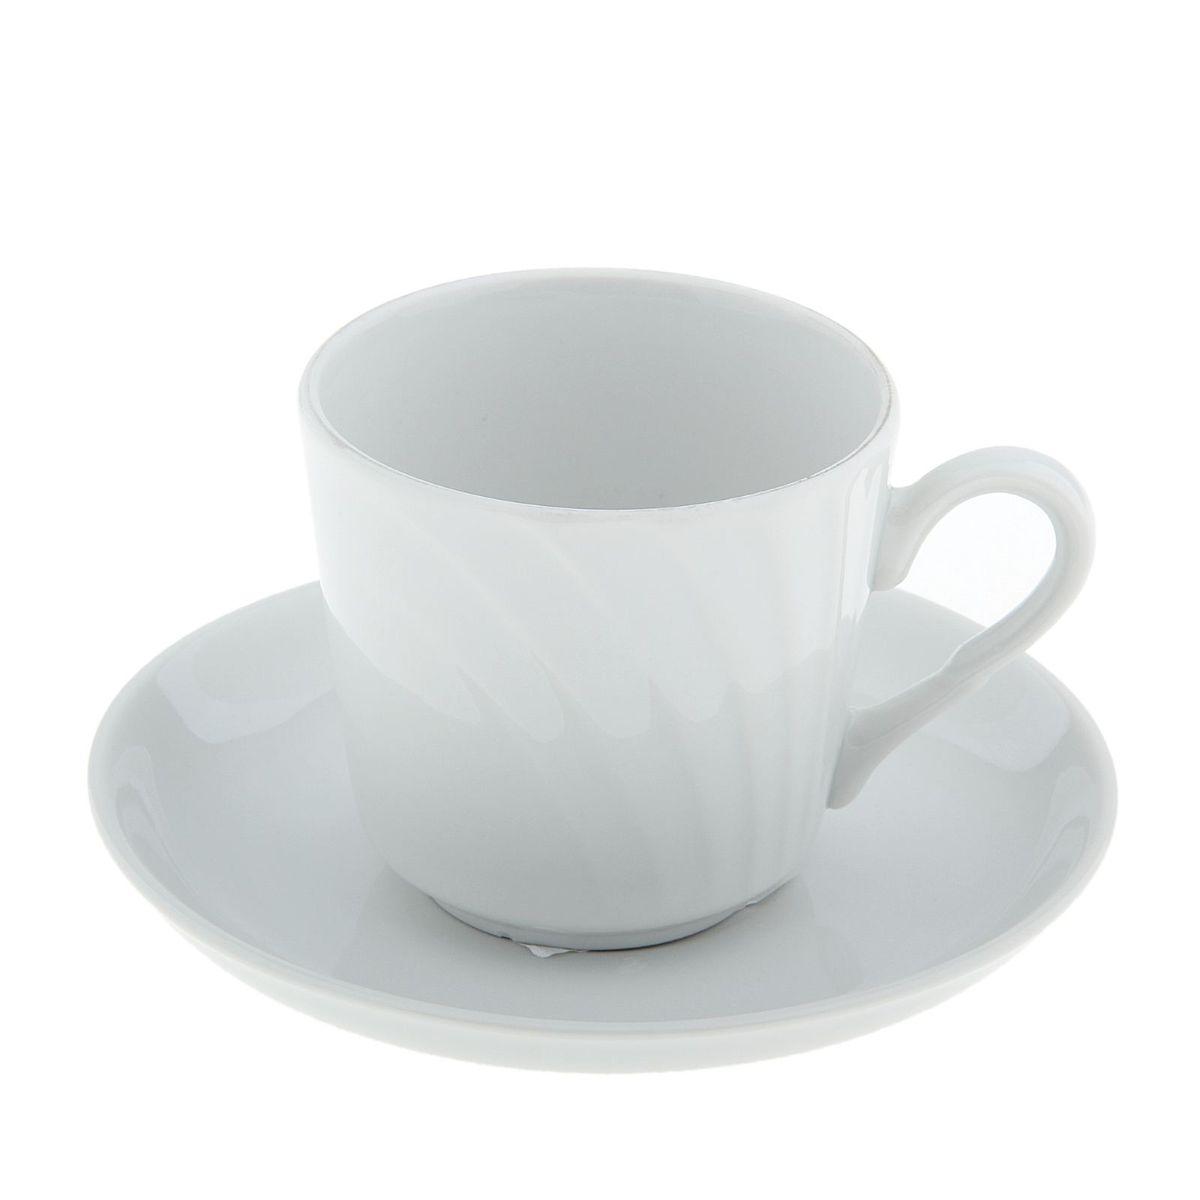 Чайная пара Голубка. Белье, 2 предмета507850Чайная пара Голубка. Белье состоит из чашки и блюдца, изготовленных из высококачественного фарфора. Оригинальный дизайн, несомненно, придется вам по вкусу.Чайная пара Голубка. Белье украсит ваш кухонный стол, а также станет замечательным подарком к любому празднику.Объем чашки: 220 мл.